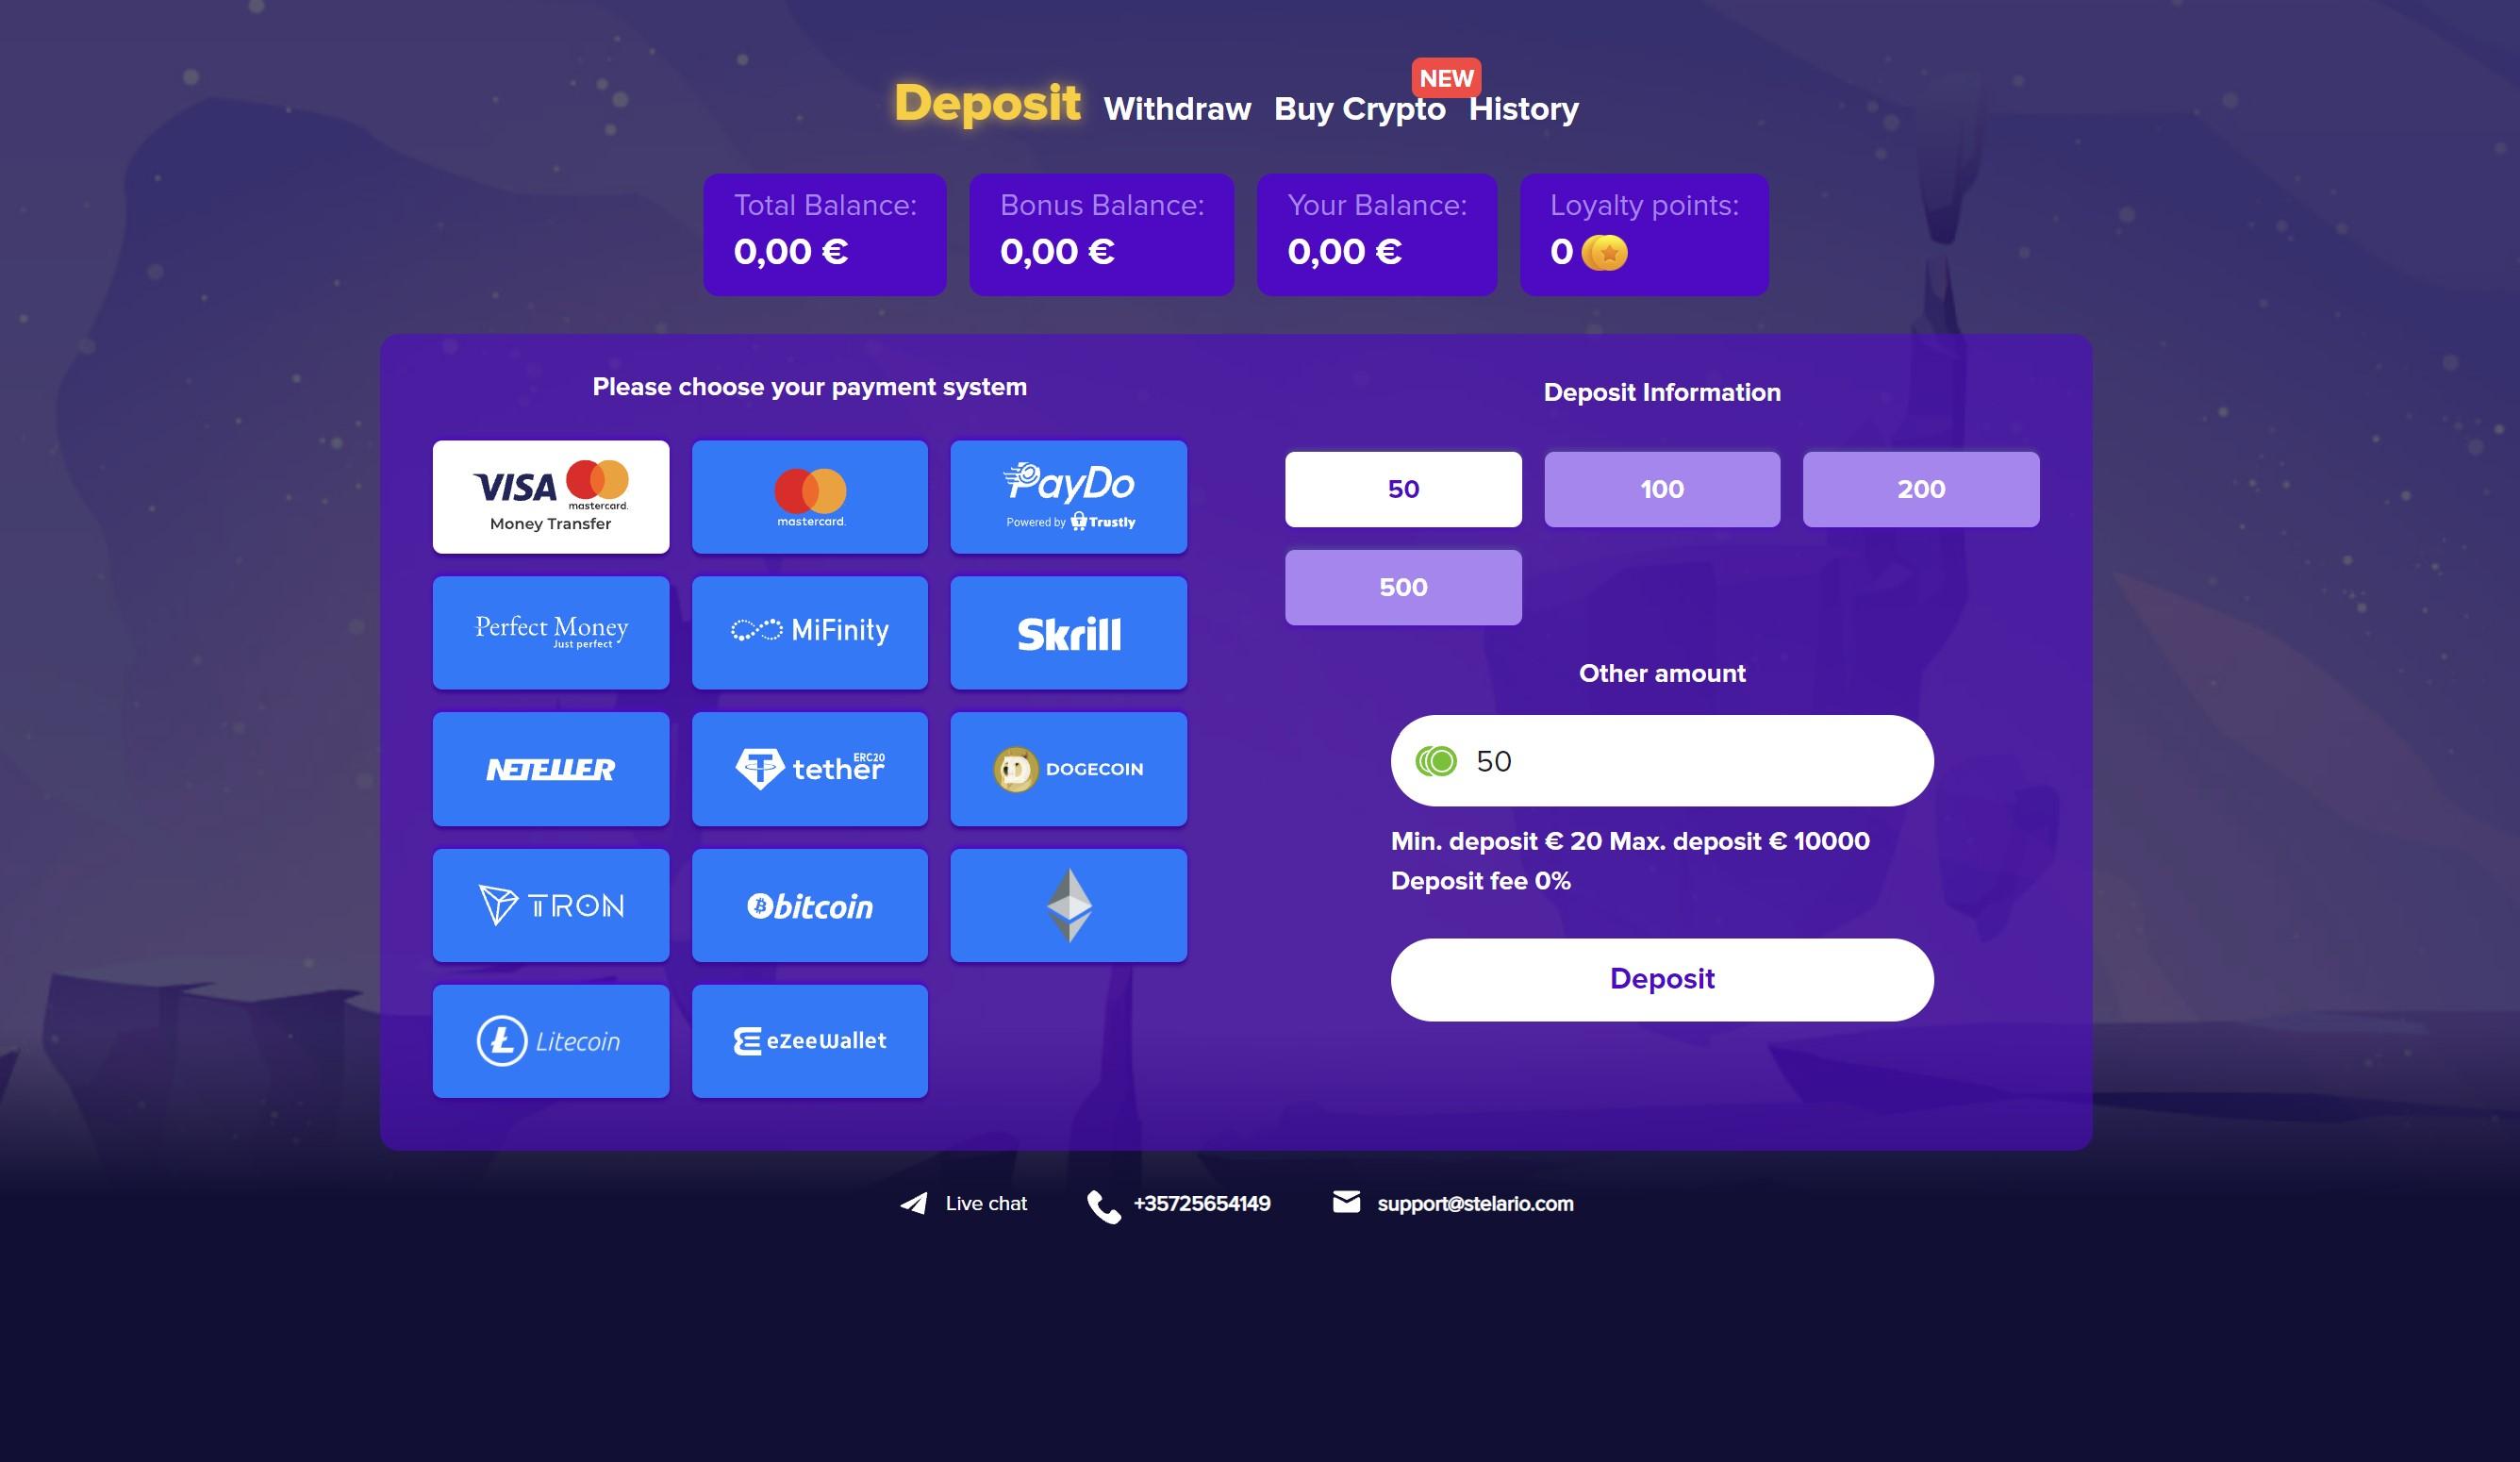 stelario kazino mokėjimo metodai visa mastercard dogecoin ethereum tron